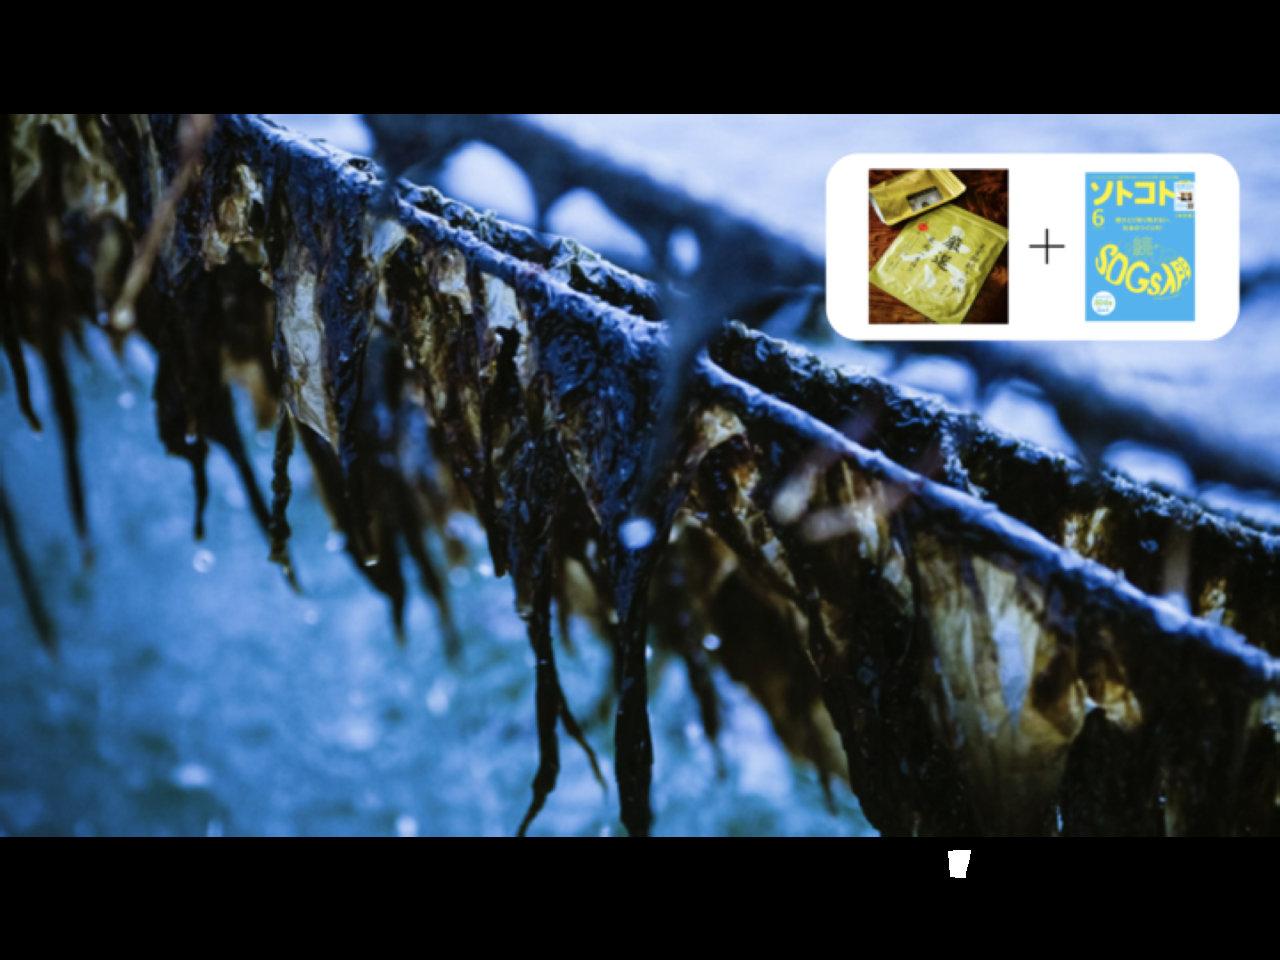 【ソトコト6月号発売記念】海苔漁師・相澤太が伝える「海苔、そして海の魅力」